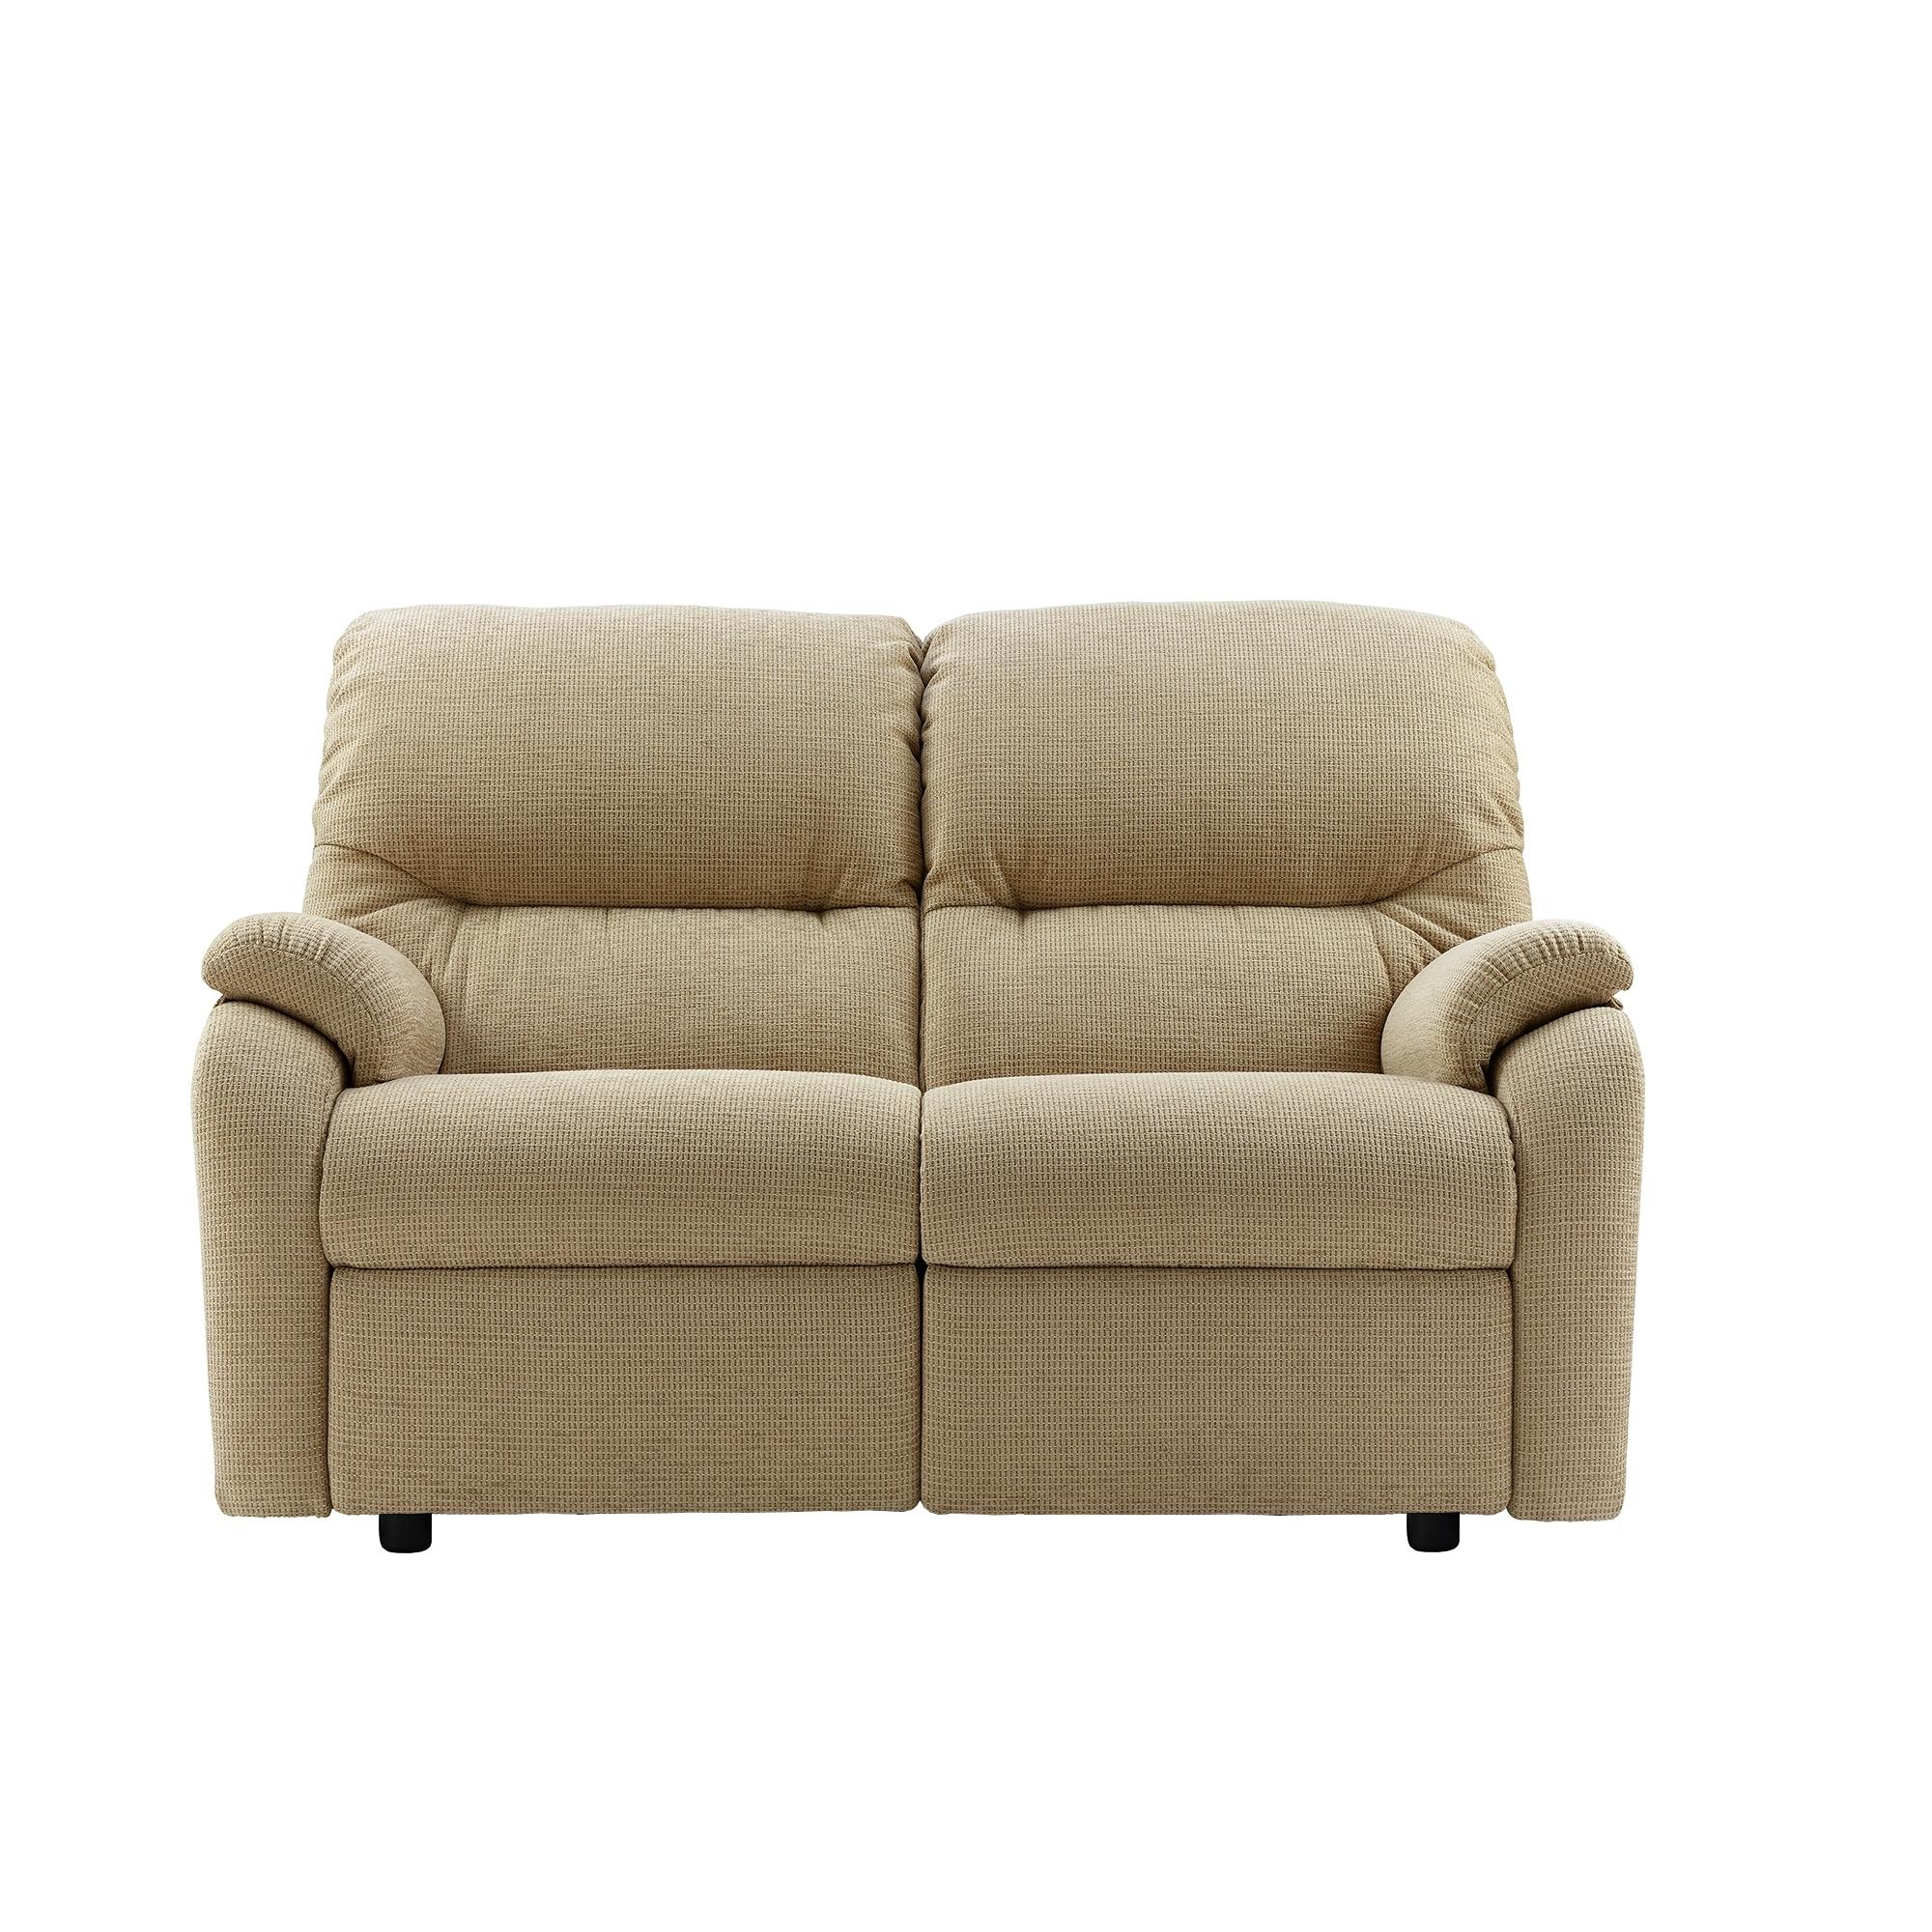 Bedroom Recliner Chairs Bedroom Furniture Floor Plan Cream Carpet Bedroom Bedroom Bench Uk: G-Plan Mistral 2 Seater Sofa